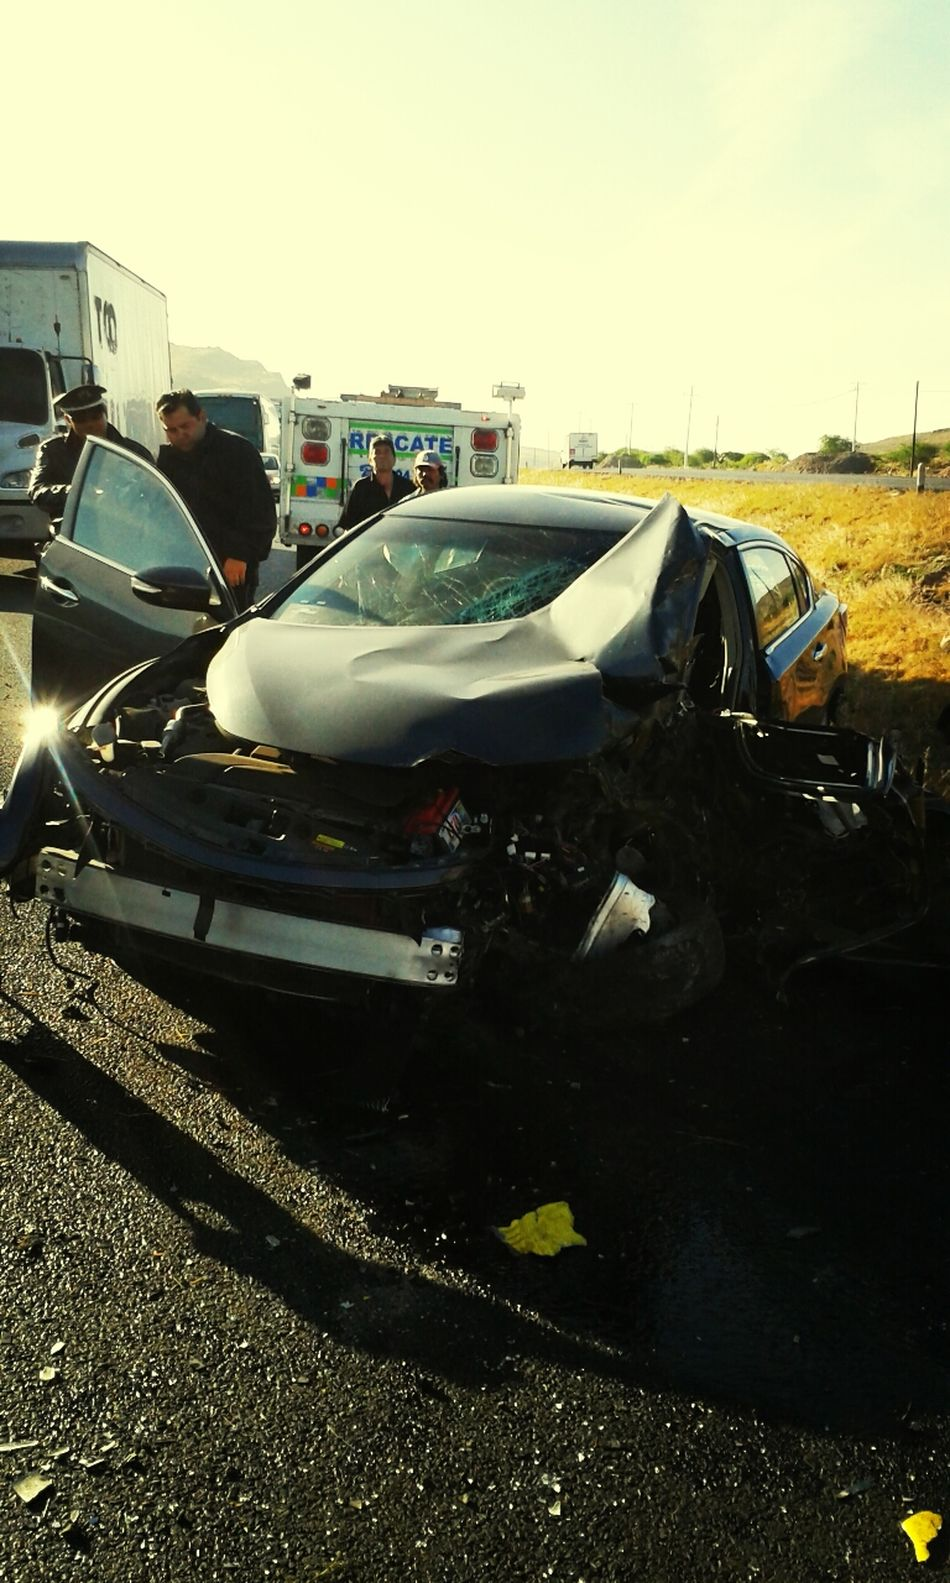 My Accident Santa María Del Río, San Luis Potosí, Mexico Only 3 broken ribs, I'm lucky. Thank God for my life.